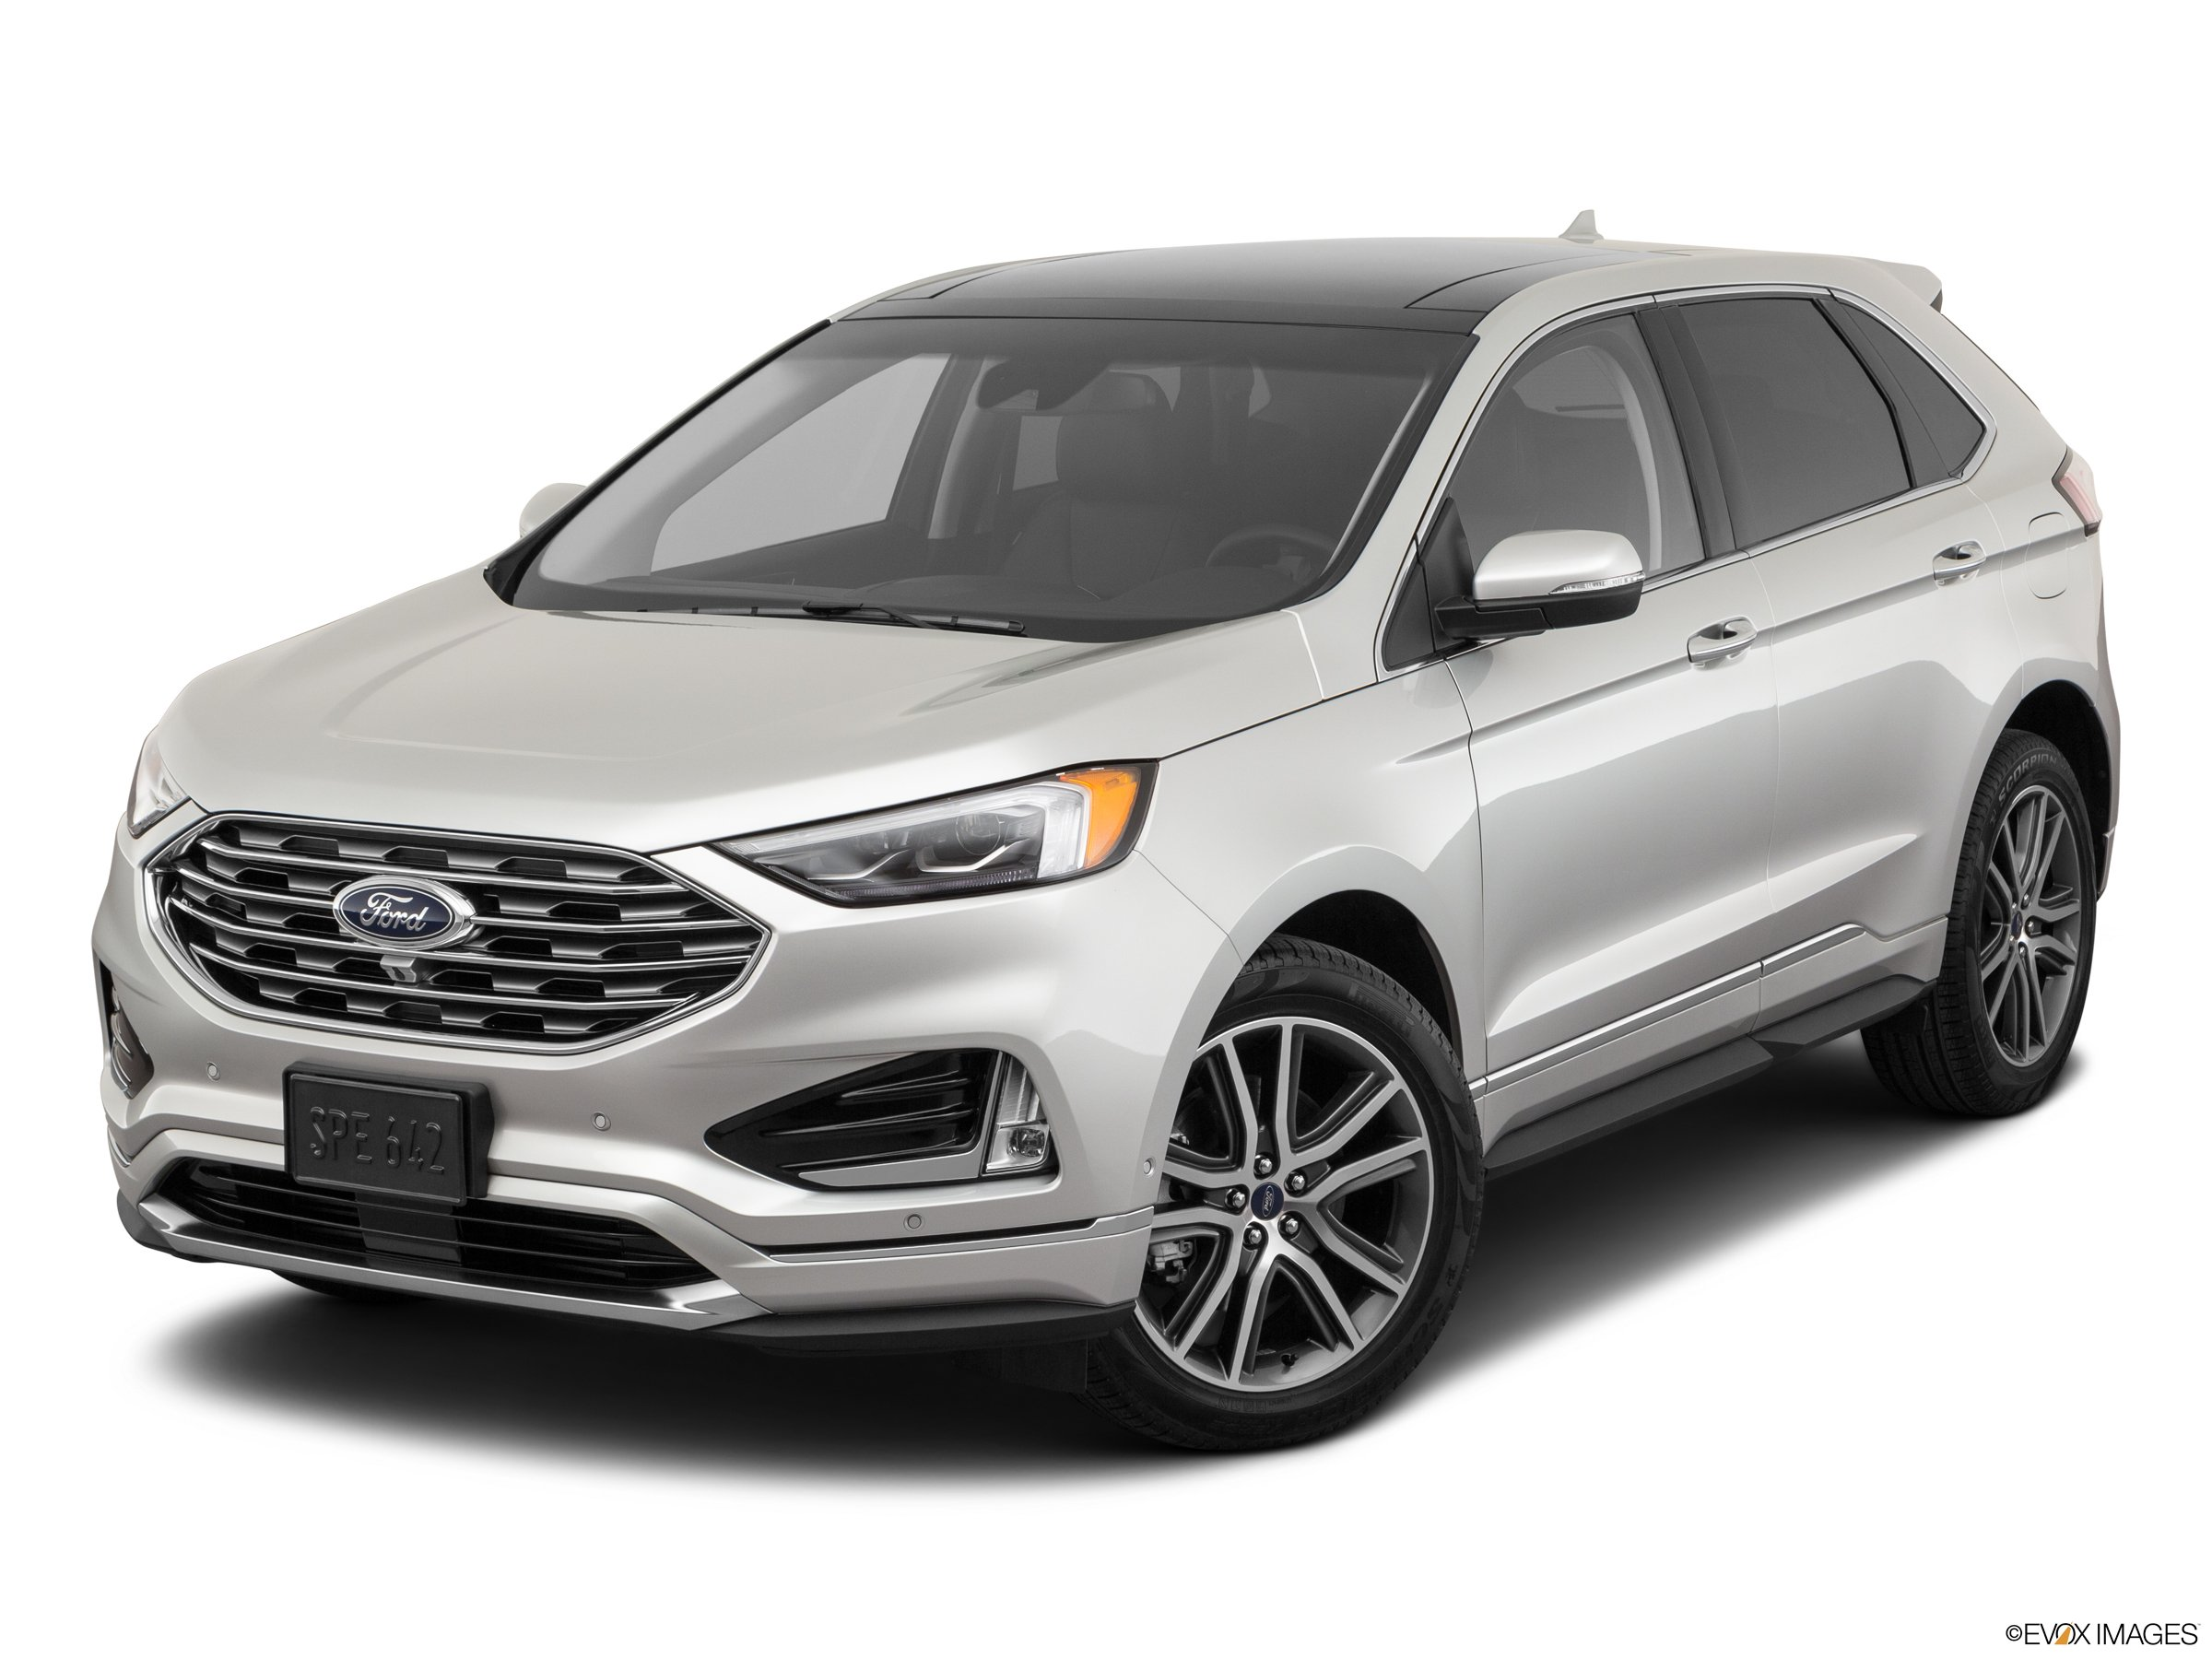 2020 Ford Edge Titanium AWD CUV